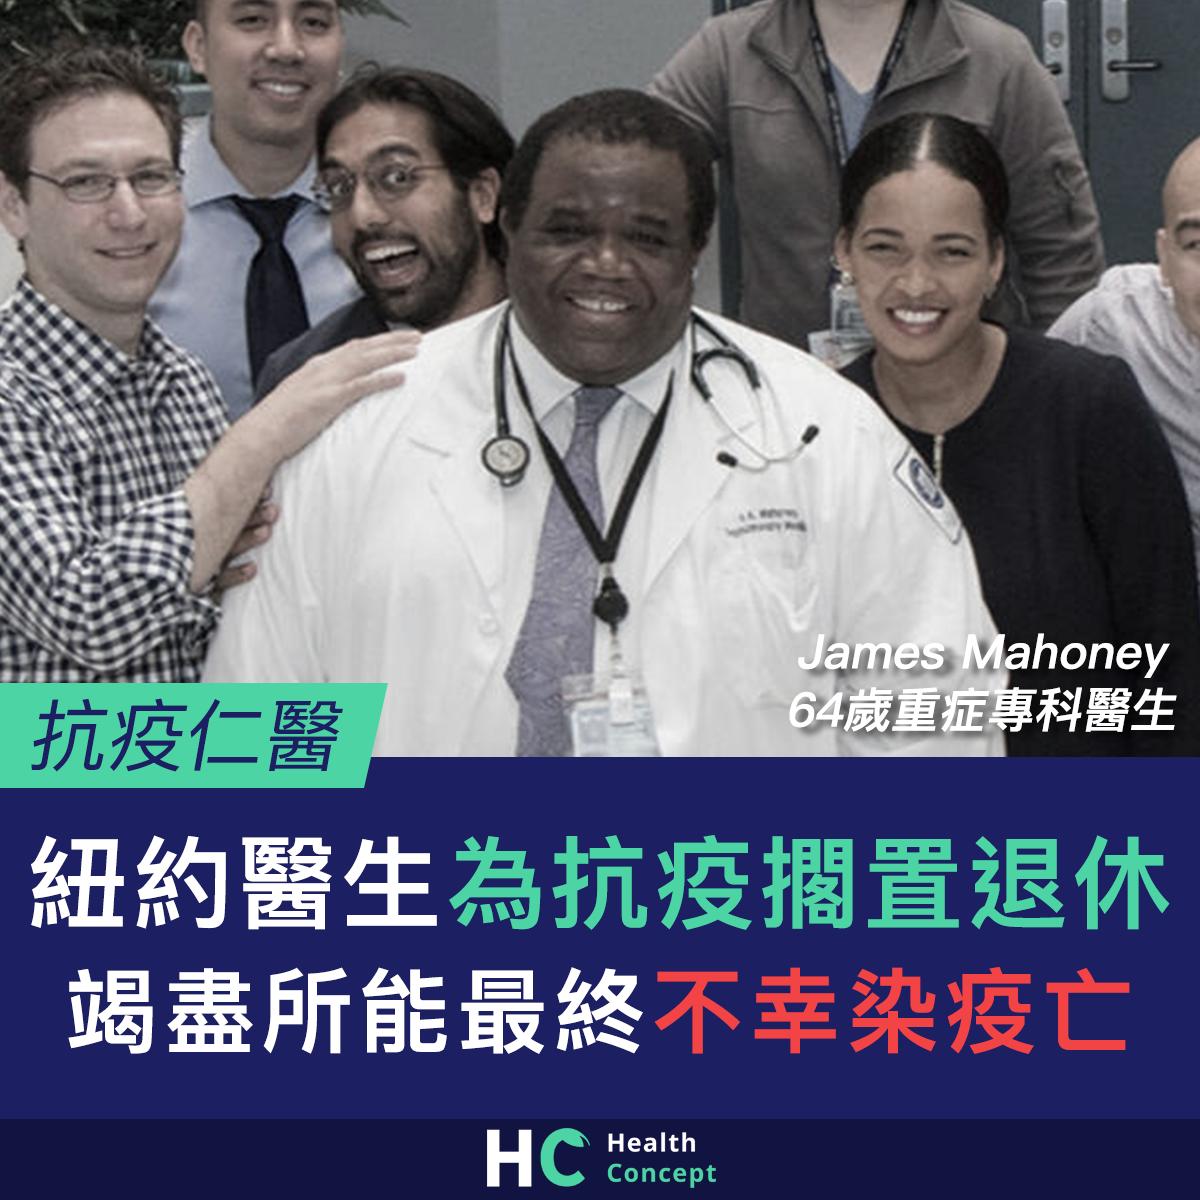 【#新型肺炎】紐約醫生為抗疫擱置退休 竭盡所能最終不幸染疫亡